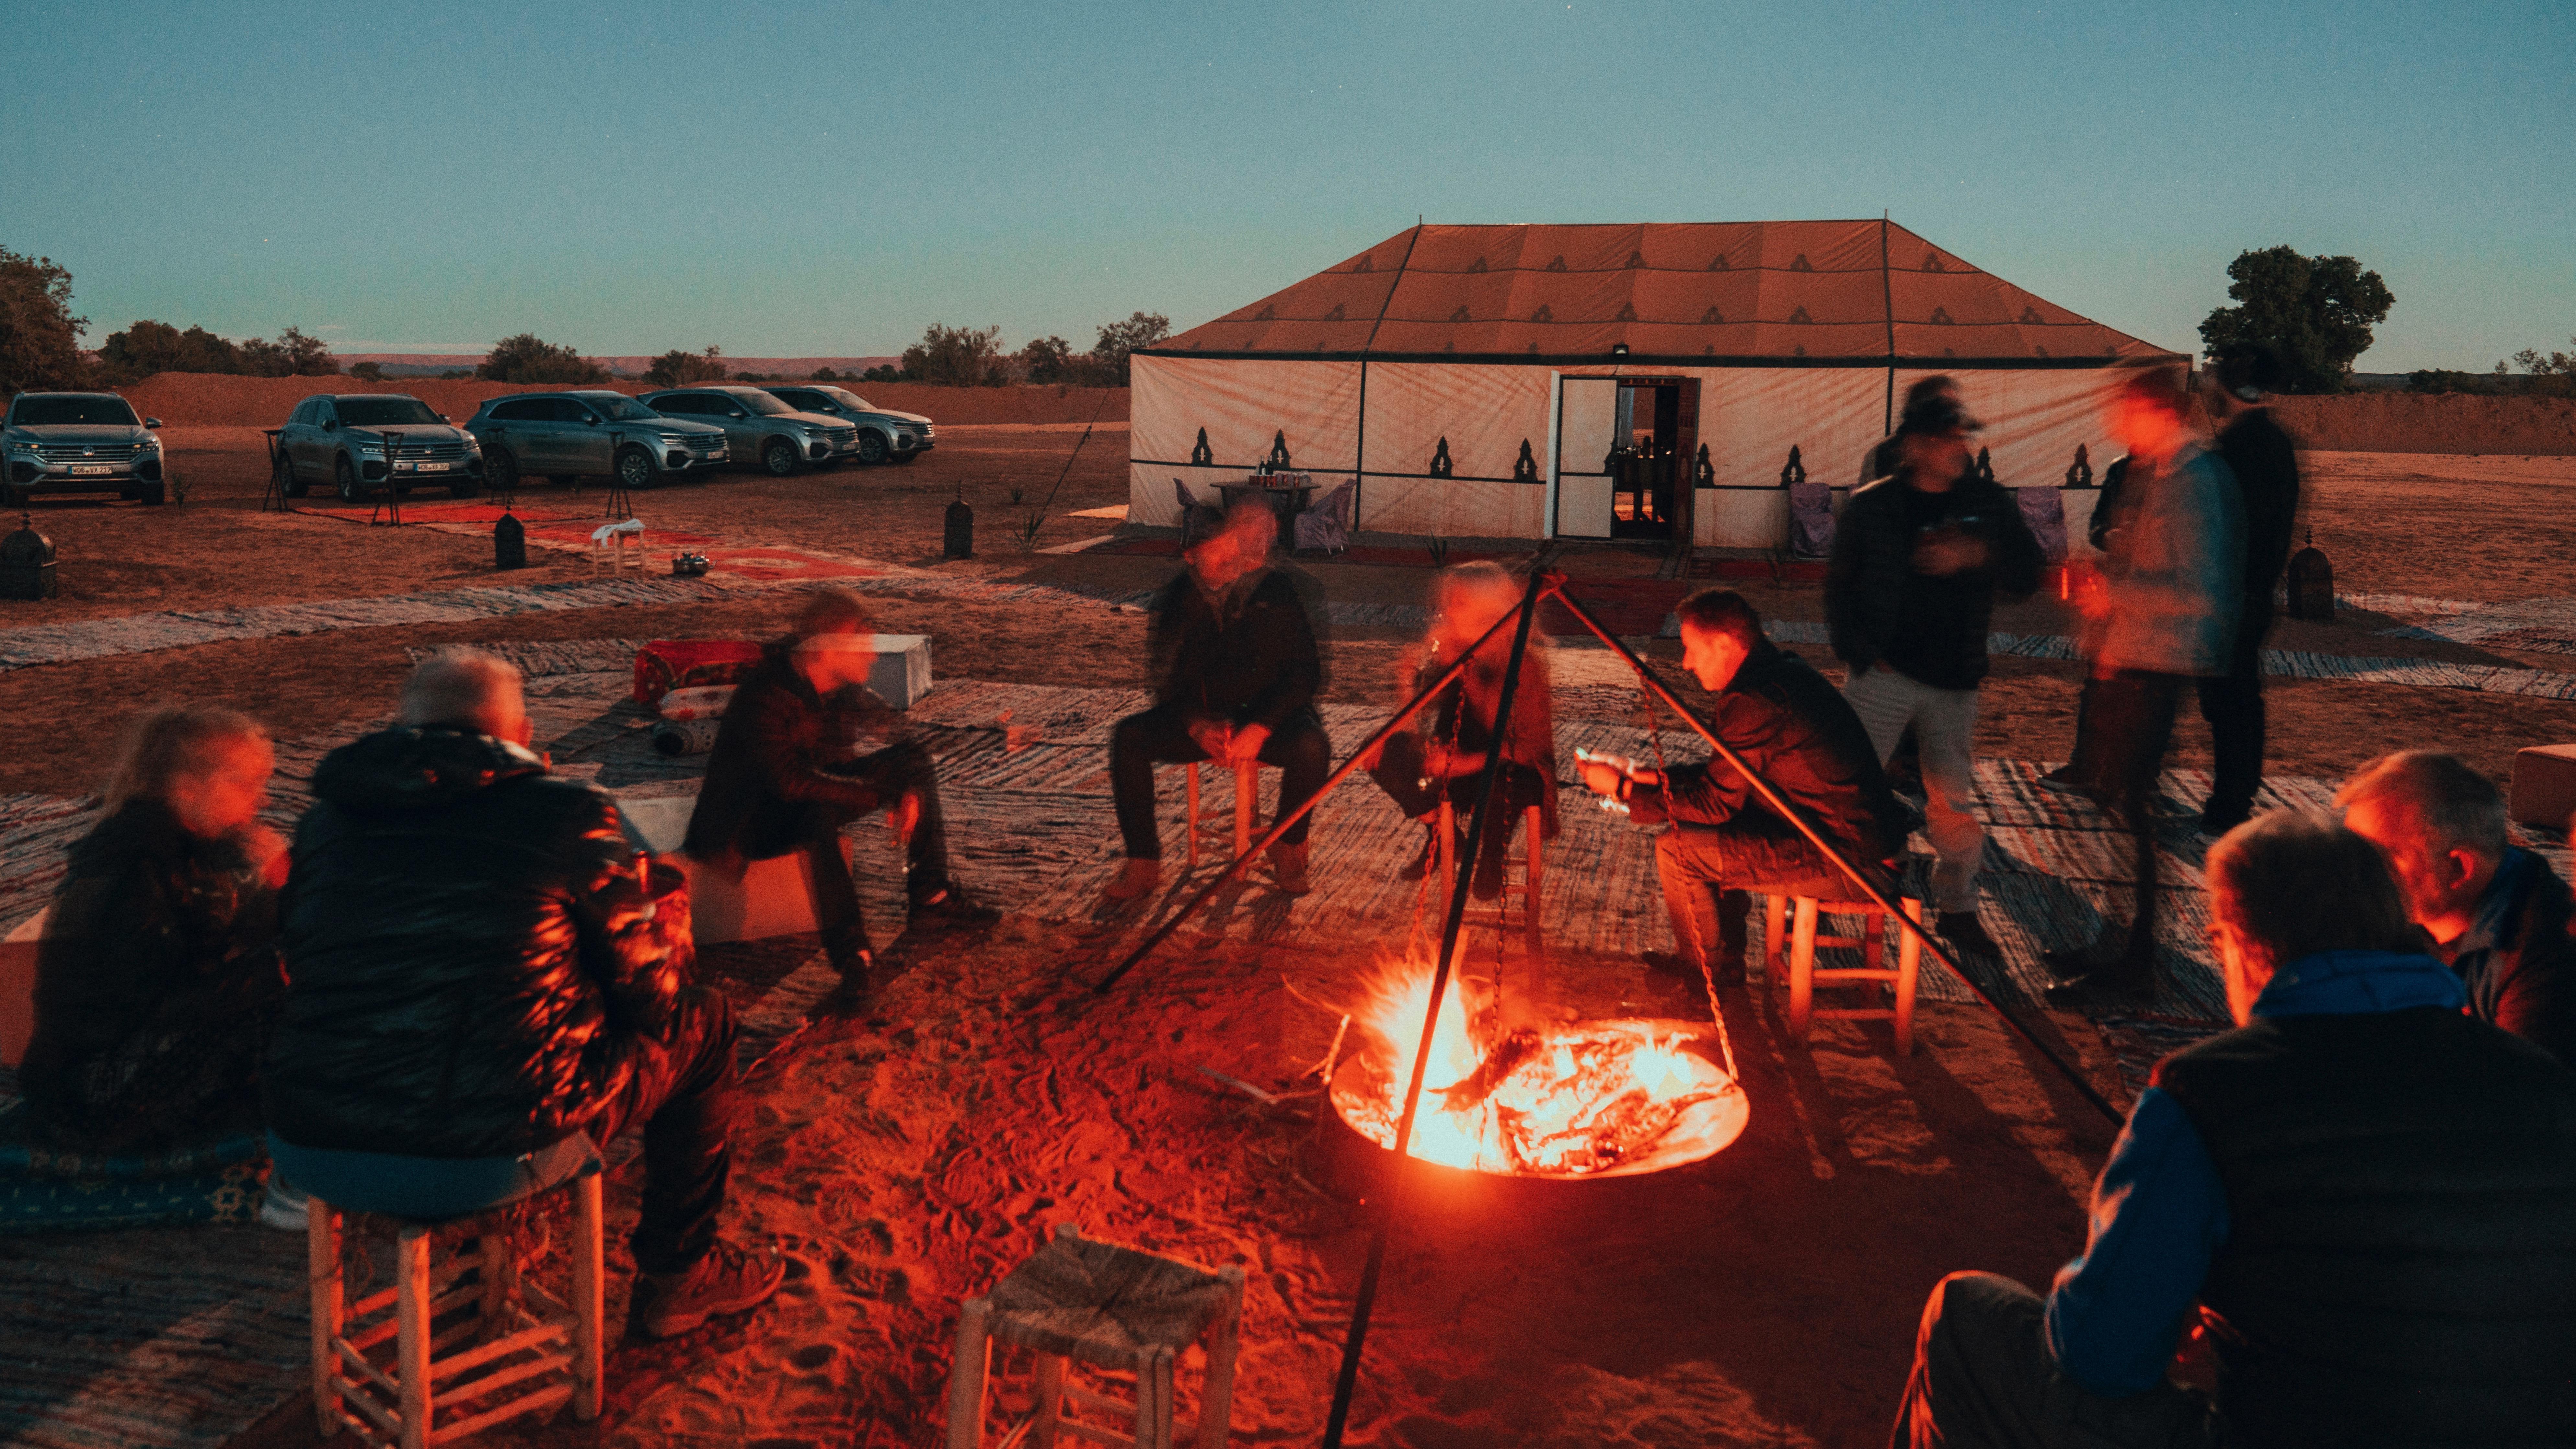 Touareg desert camp